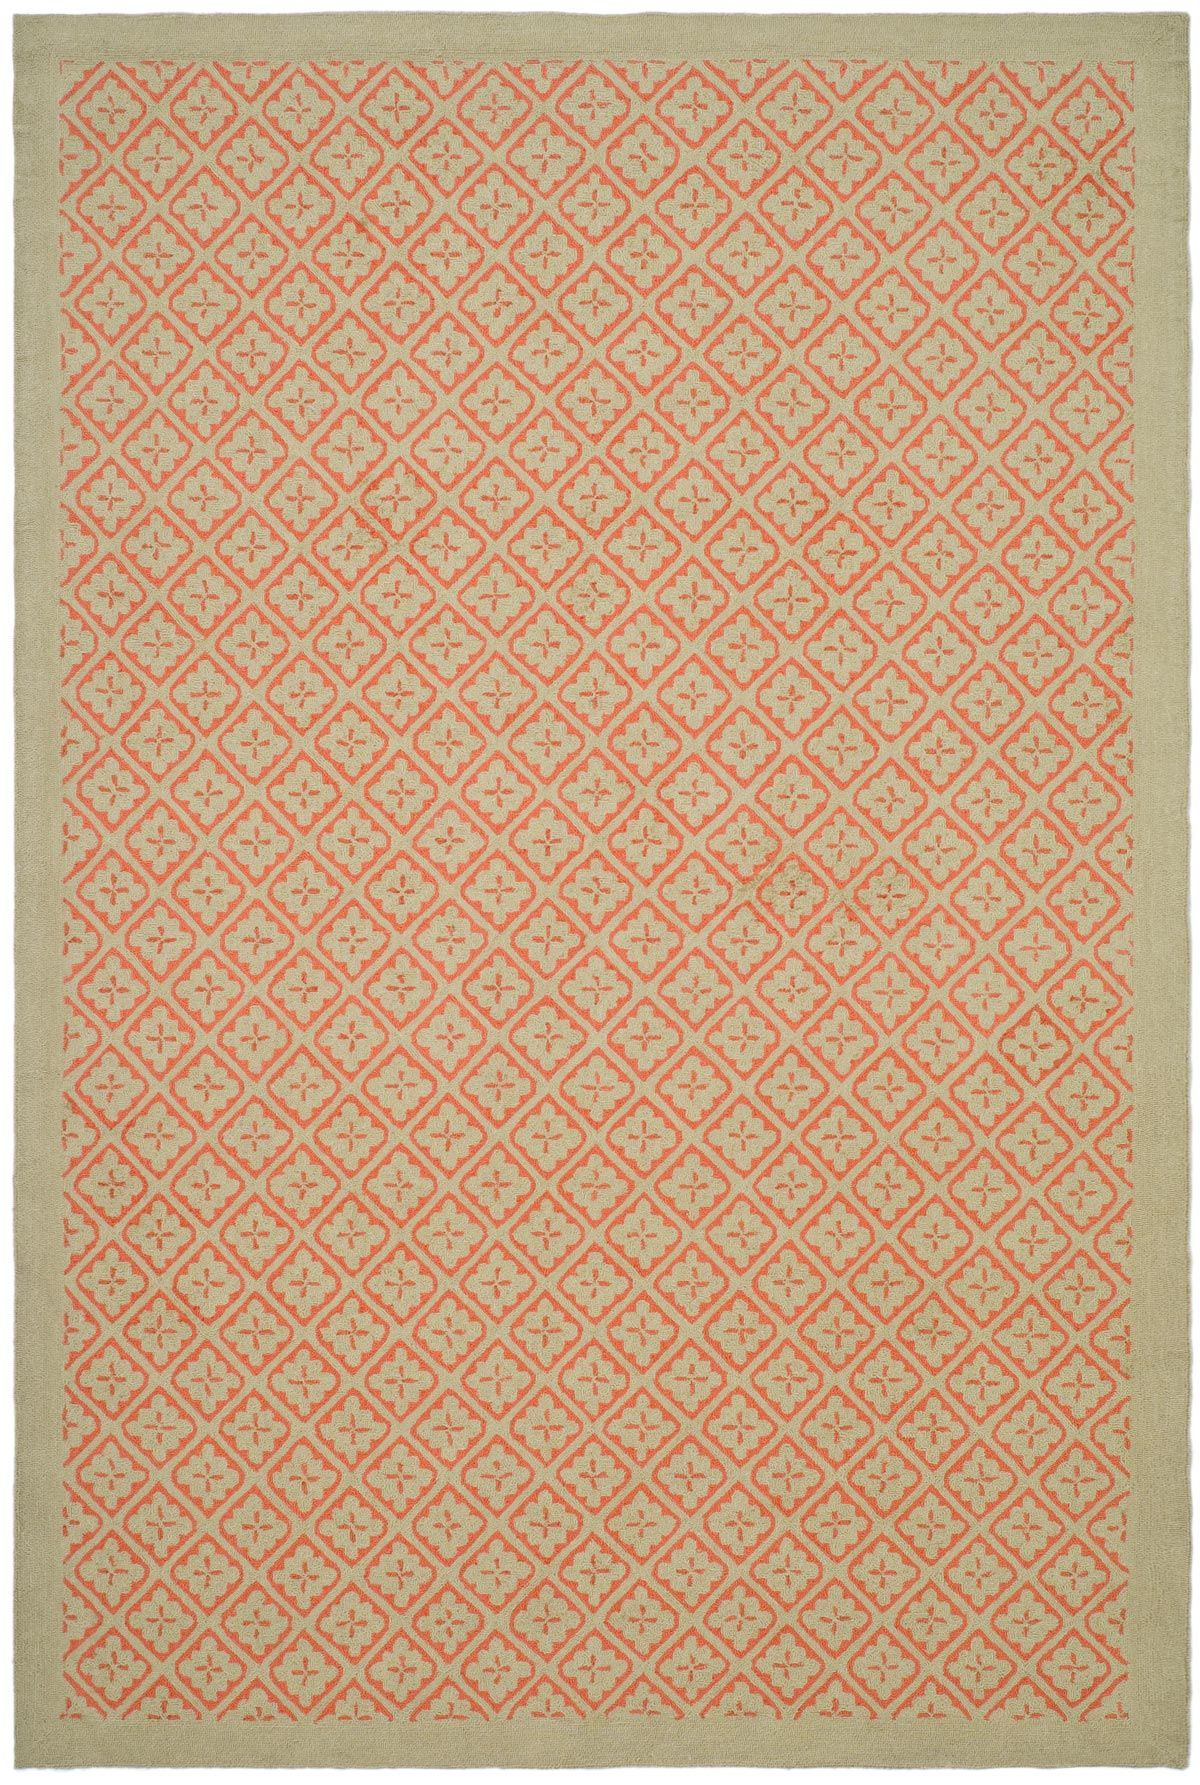 rug msr2323b safavieh area rugs round rugs wool rugs rugs - Martha Stewart Rugs